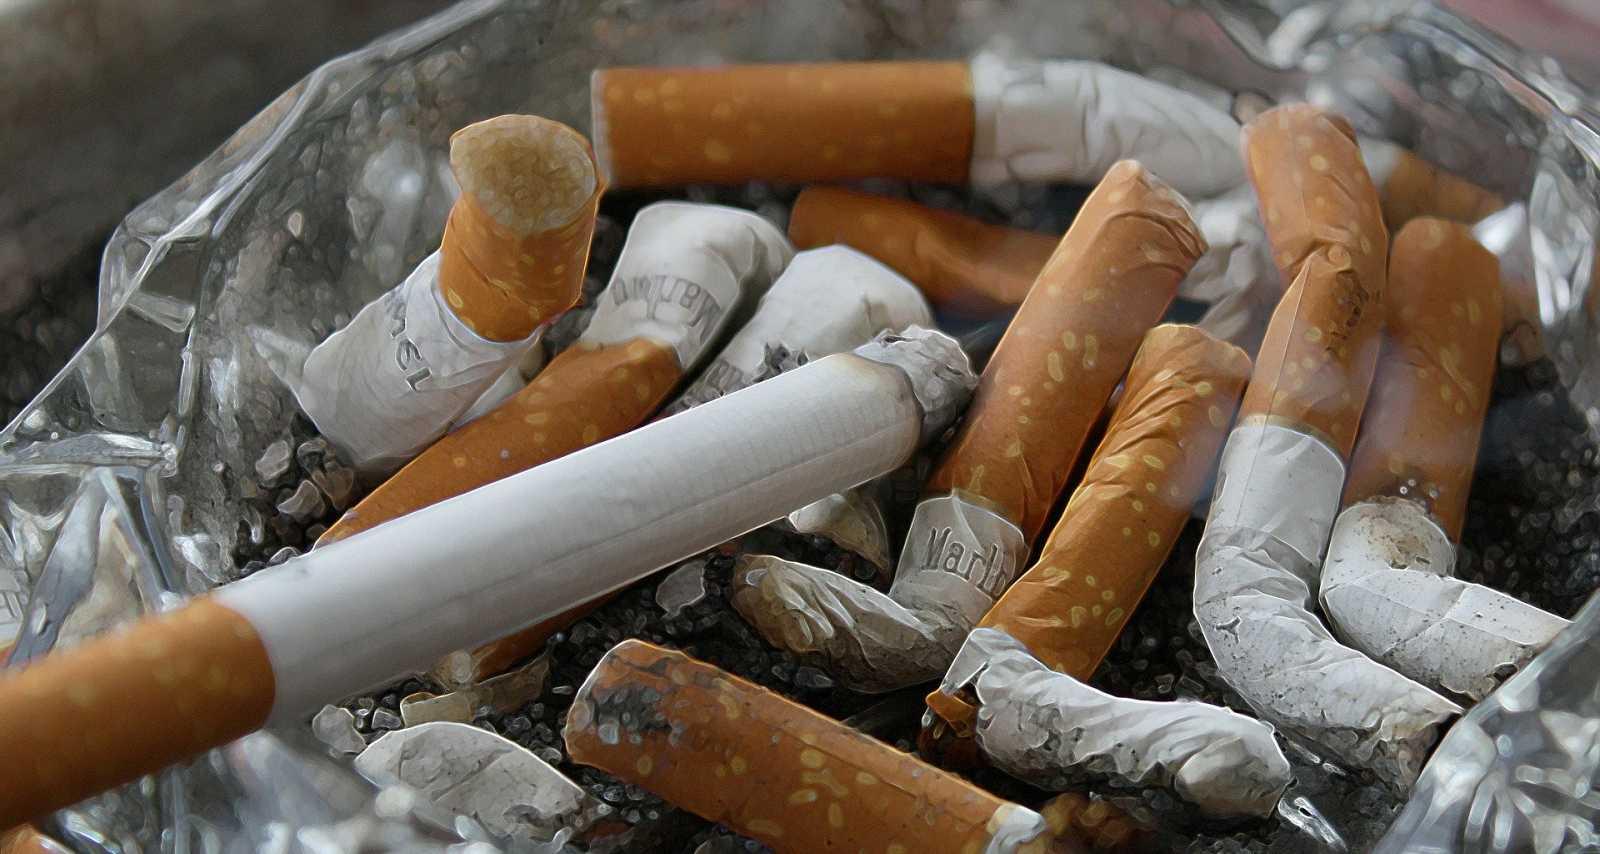 Adicciones - Fumar menos no es la respuesta - 24/03/21 - Escuchar ahora